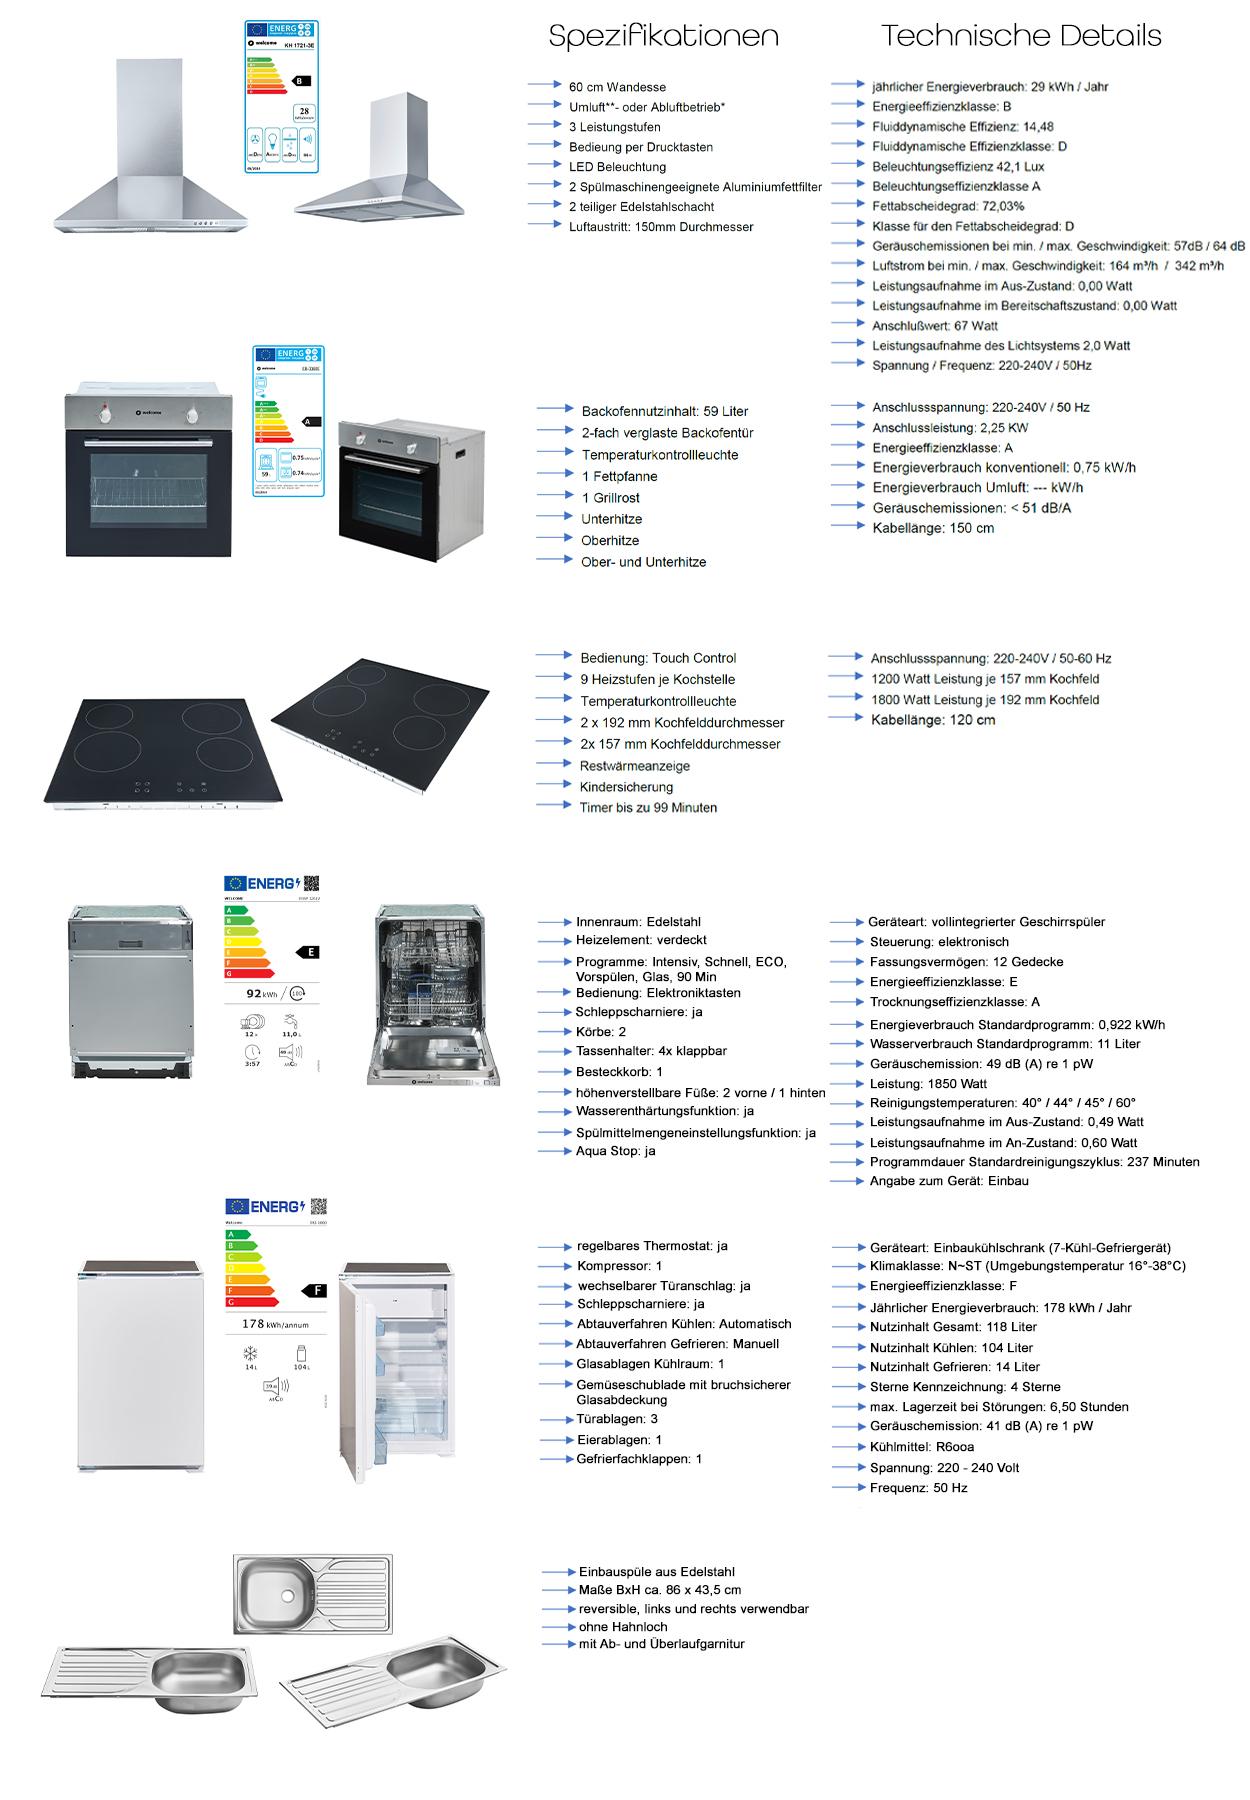 Küche Tullamore, Elektrische Geräte